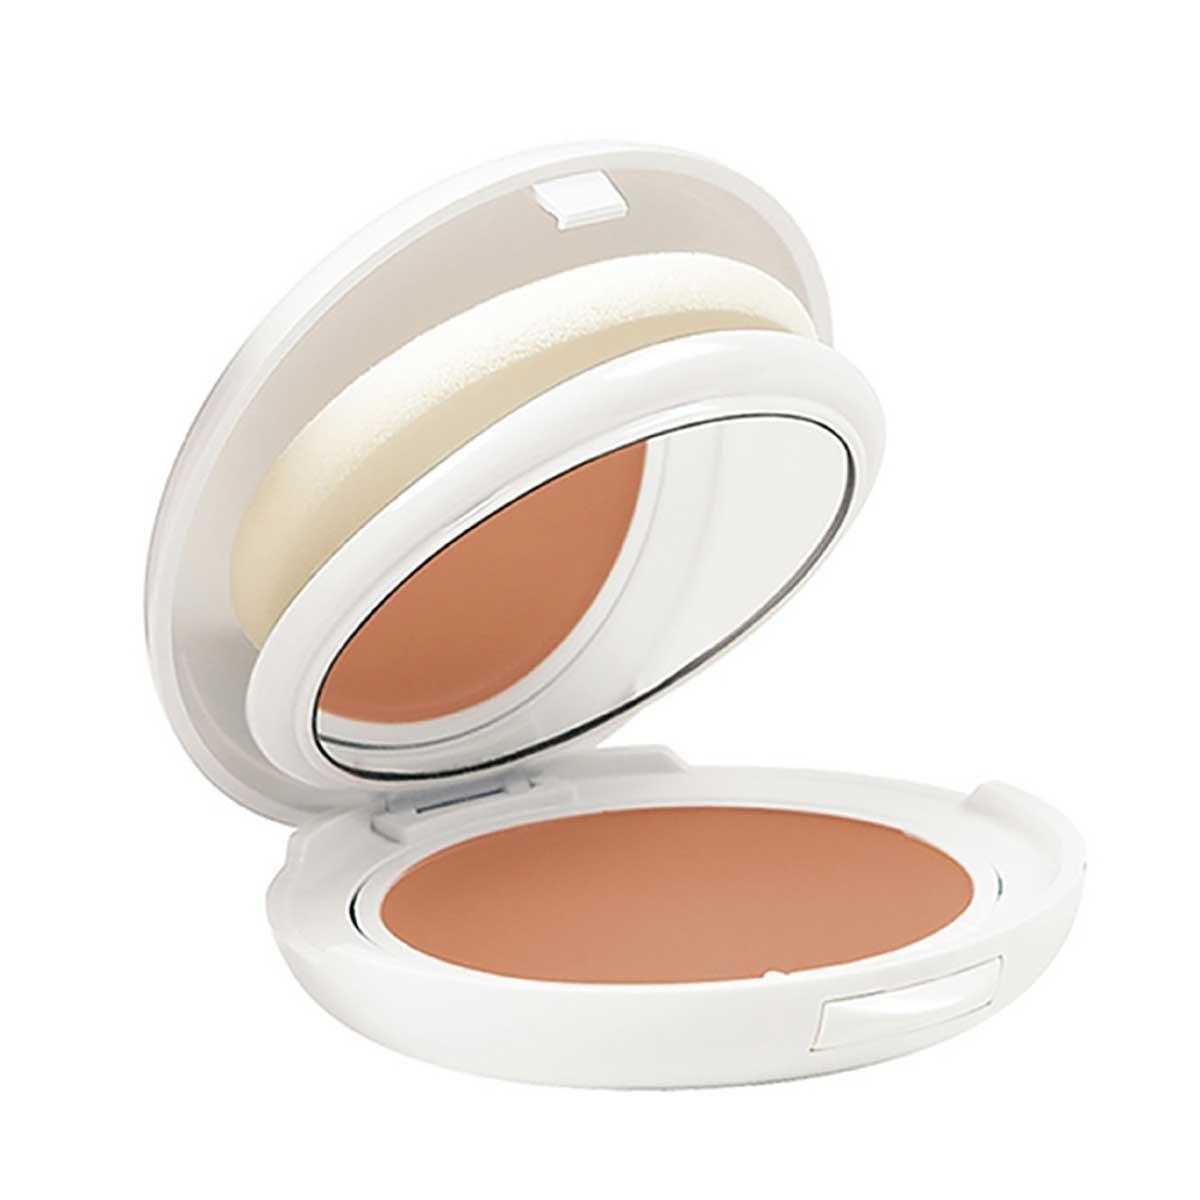 Protetor Solar Facial Compacto Avène Cor Sable Pele Clara FPS 50 com 10g 10g